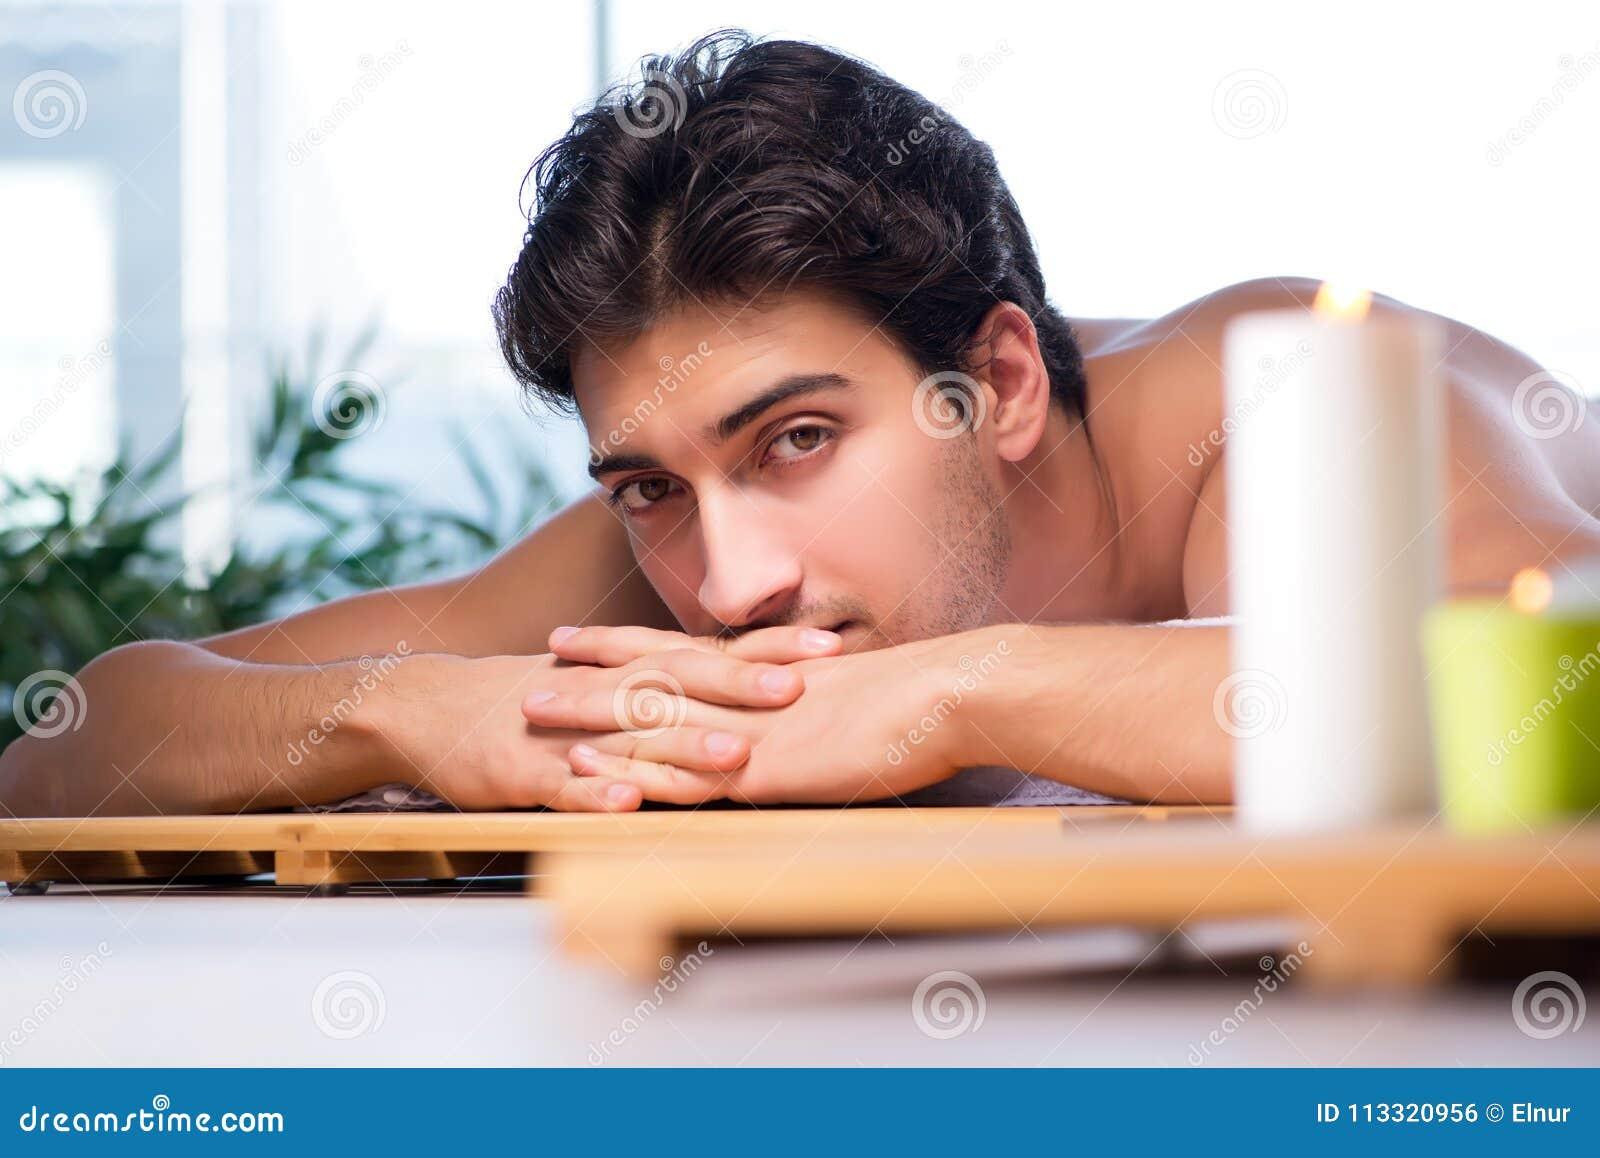 El hombre hermoso joven durante procedimiento del balneario